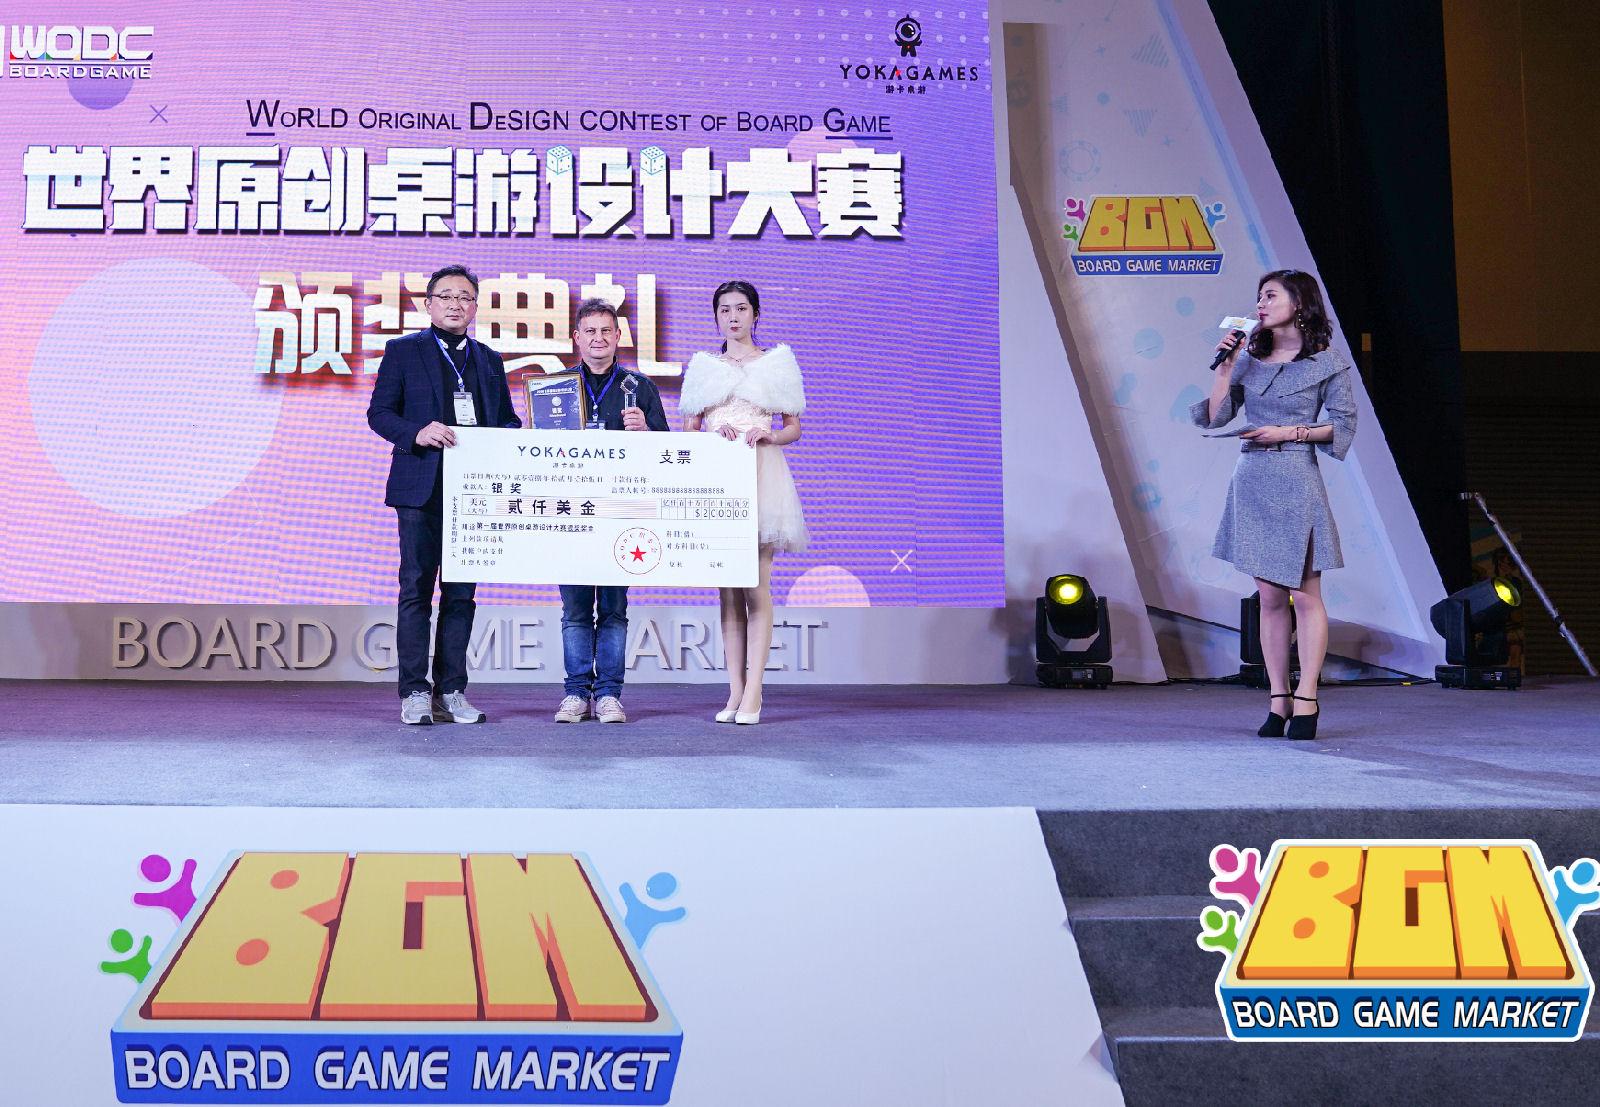 Stefan Breuer, Spieleautor, Spieleerfinder, China, Wttbewerb